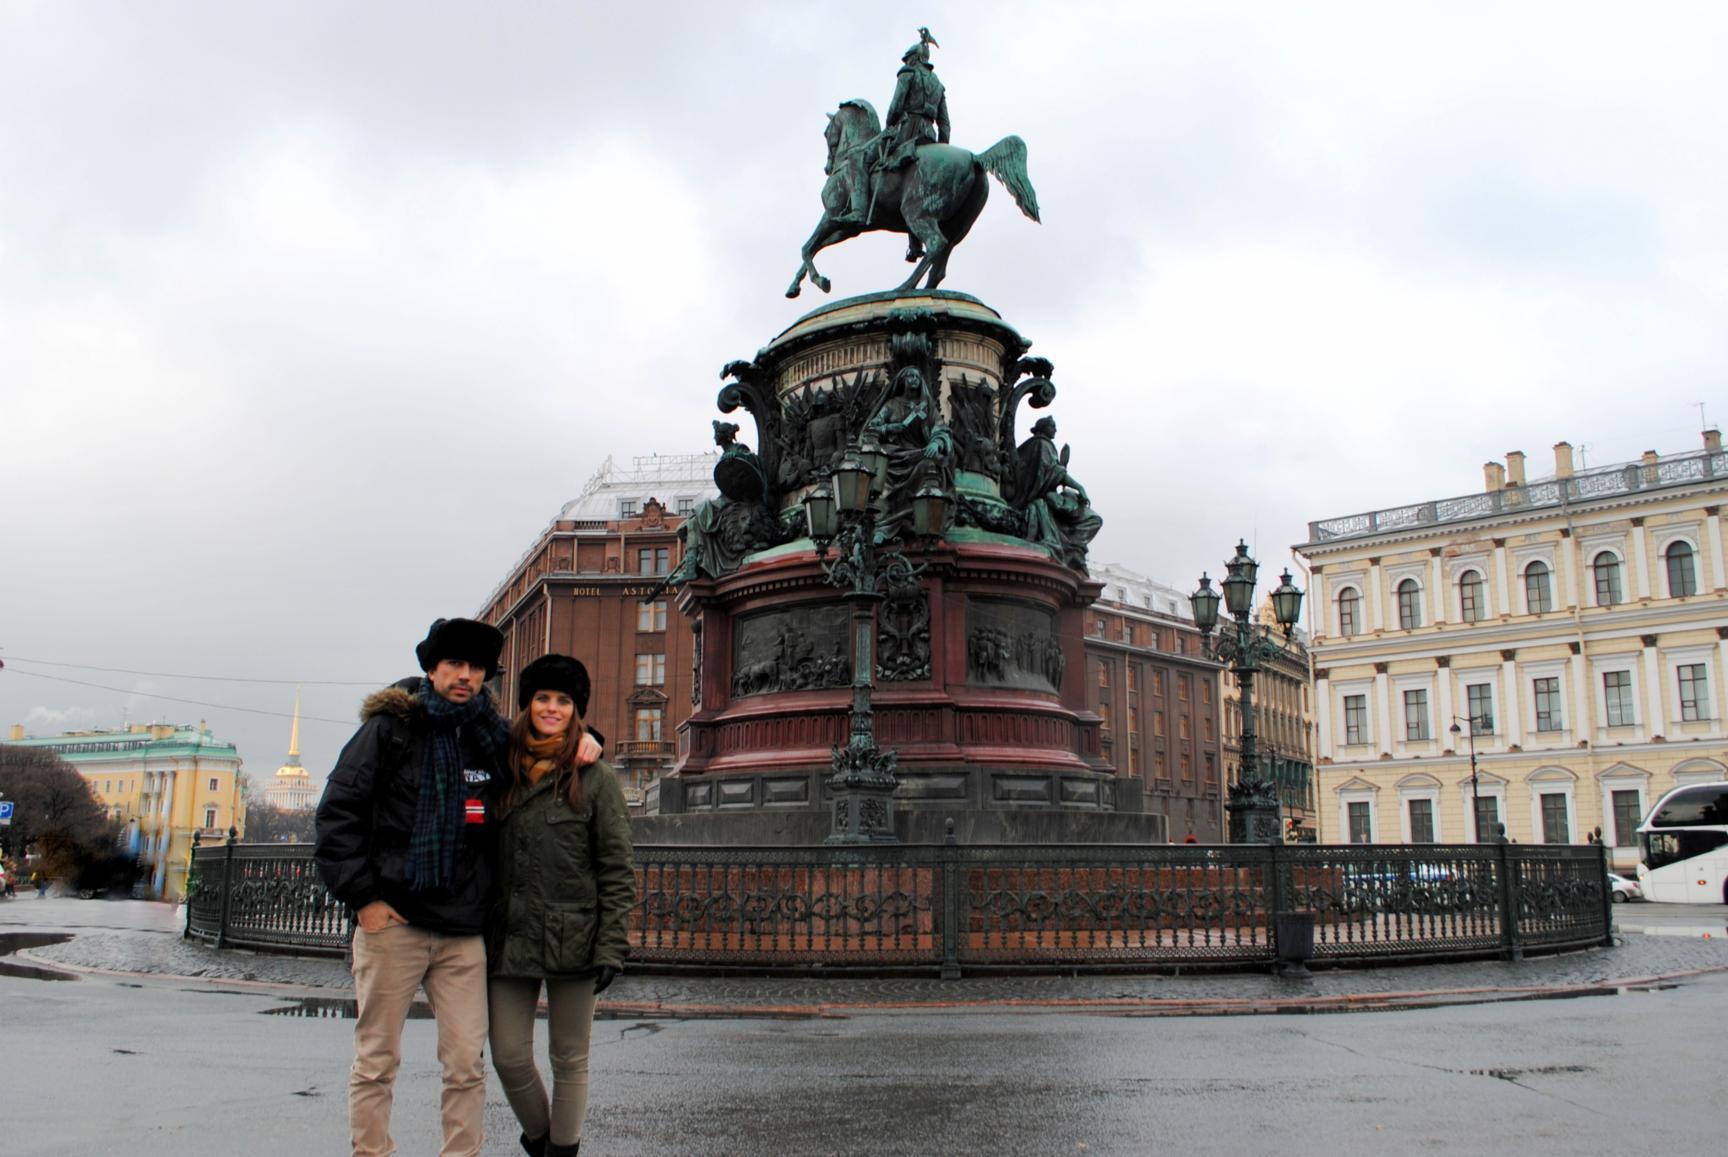 estatua-pedro-grande-san-petersburgo